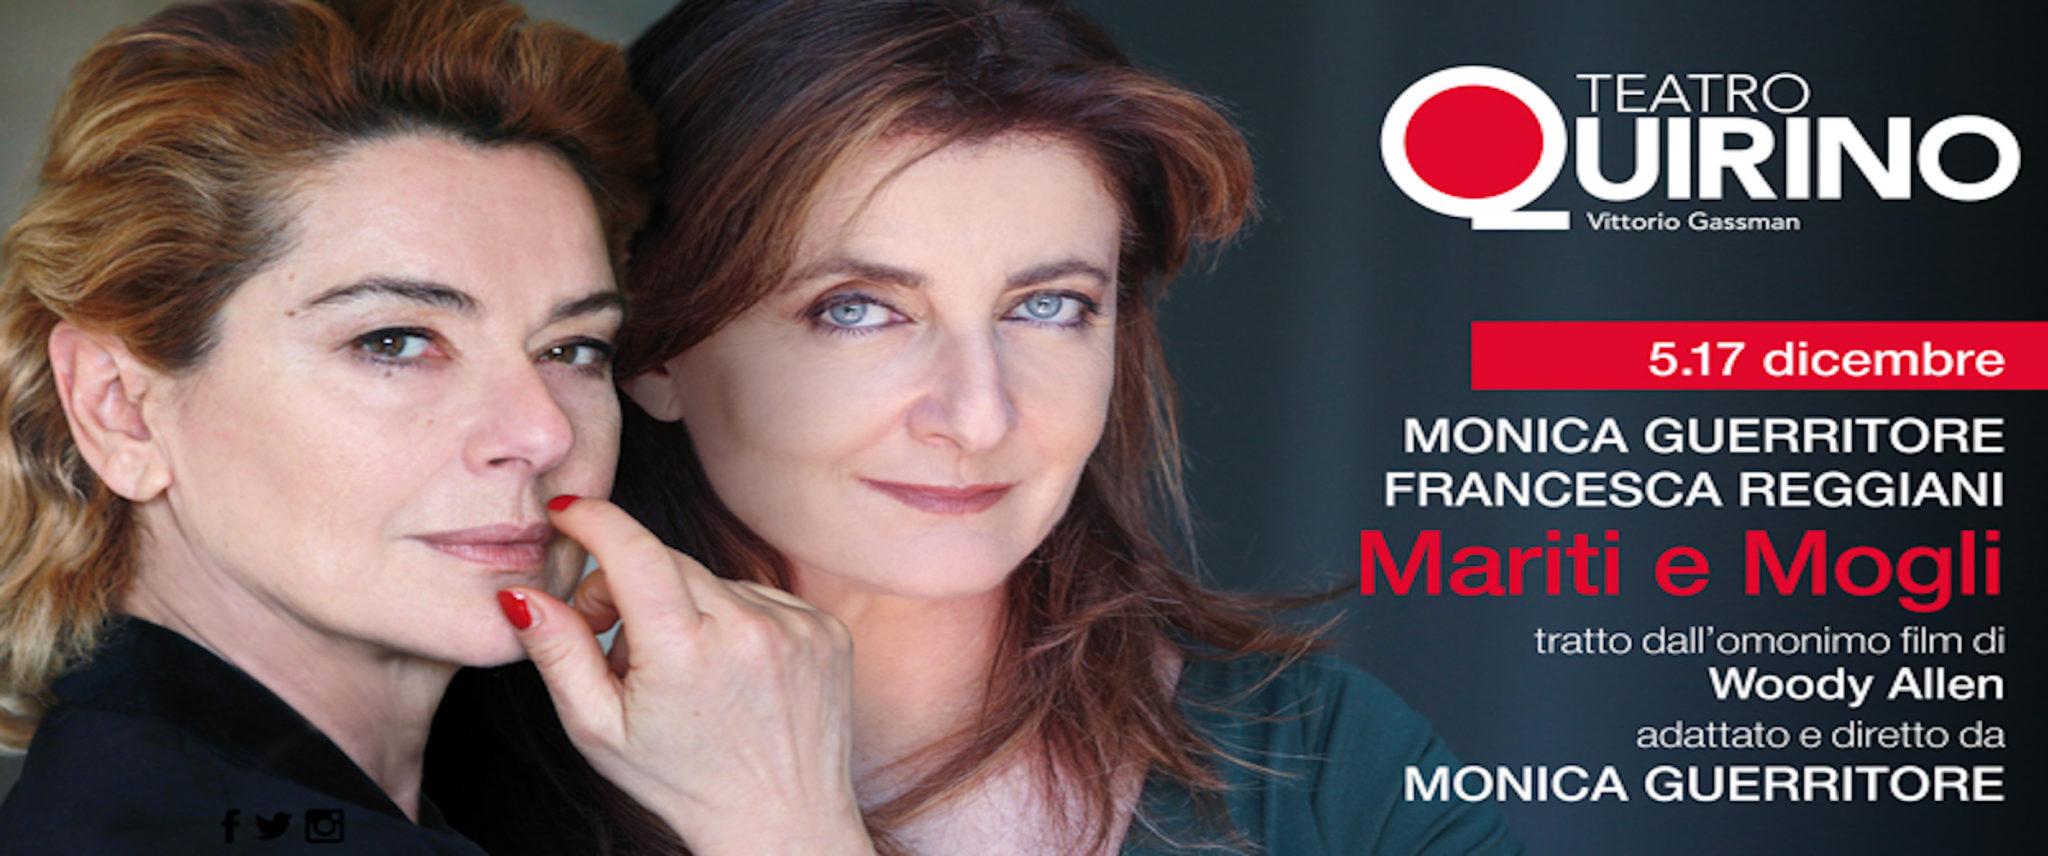 MARITI E MOGLI, regia di Monica Guerritore